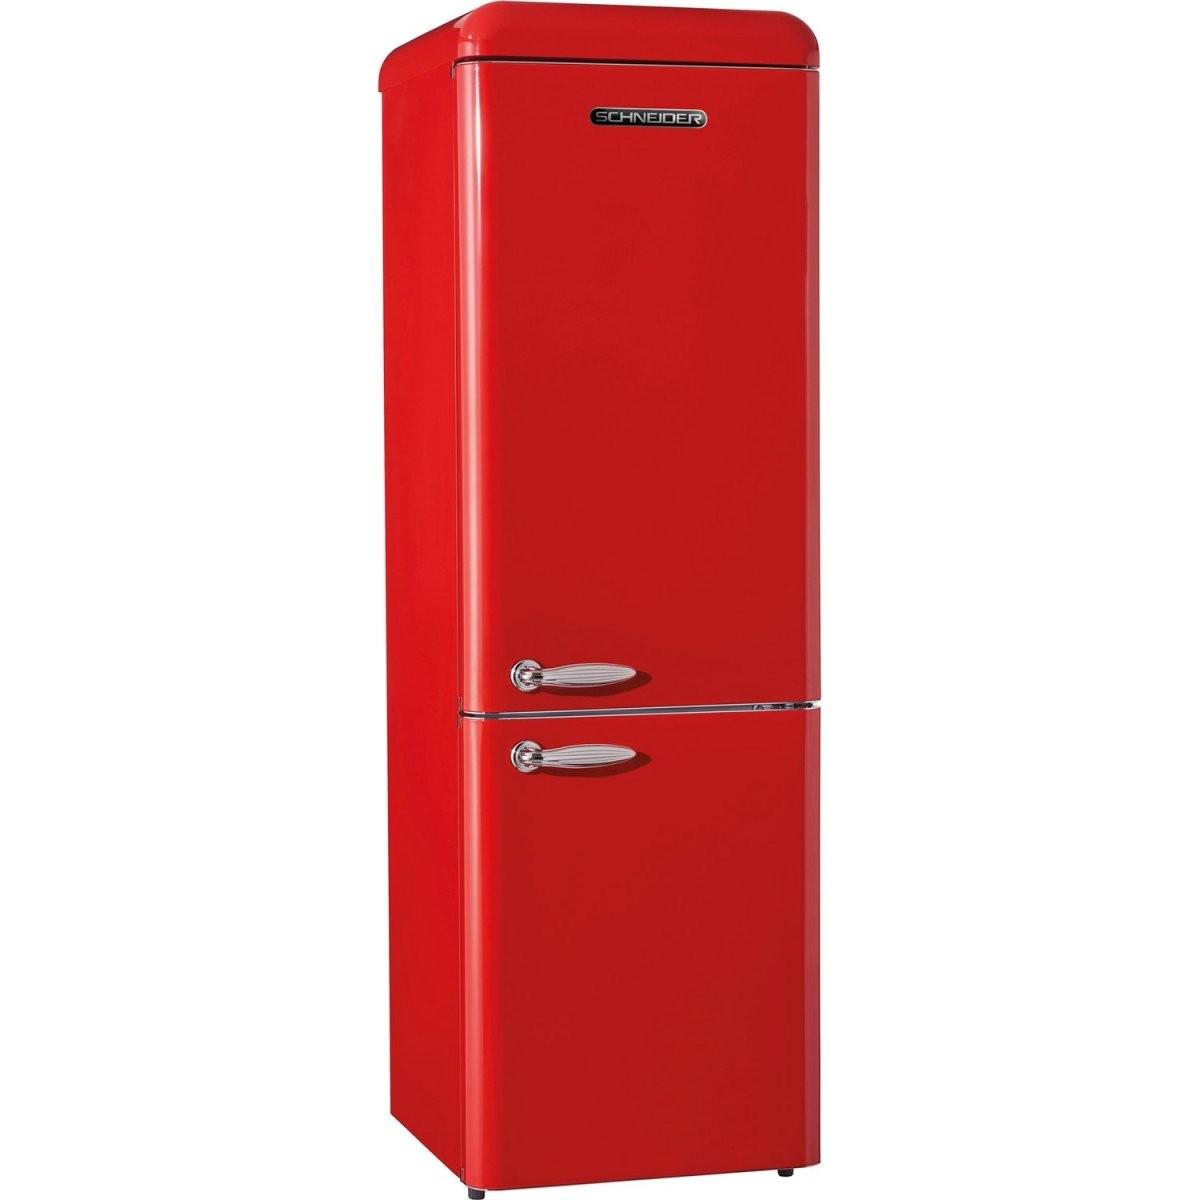 Kühlschränke – Standgeräte  Einbaukühlschränke von Kühlschrank Ohne Gefrierfach Freistehend Photo